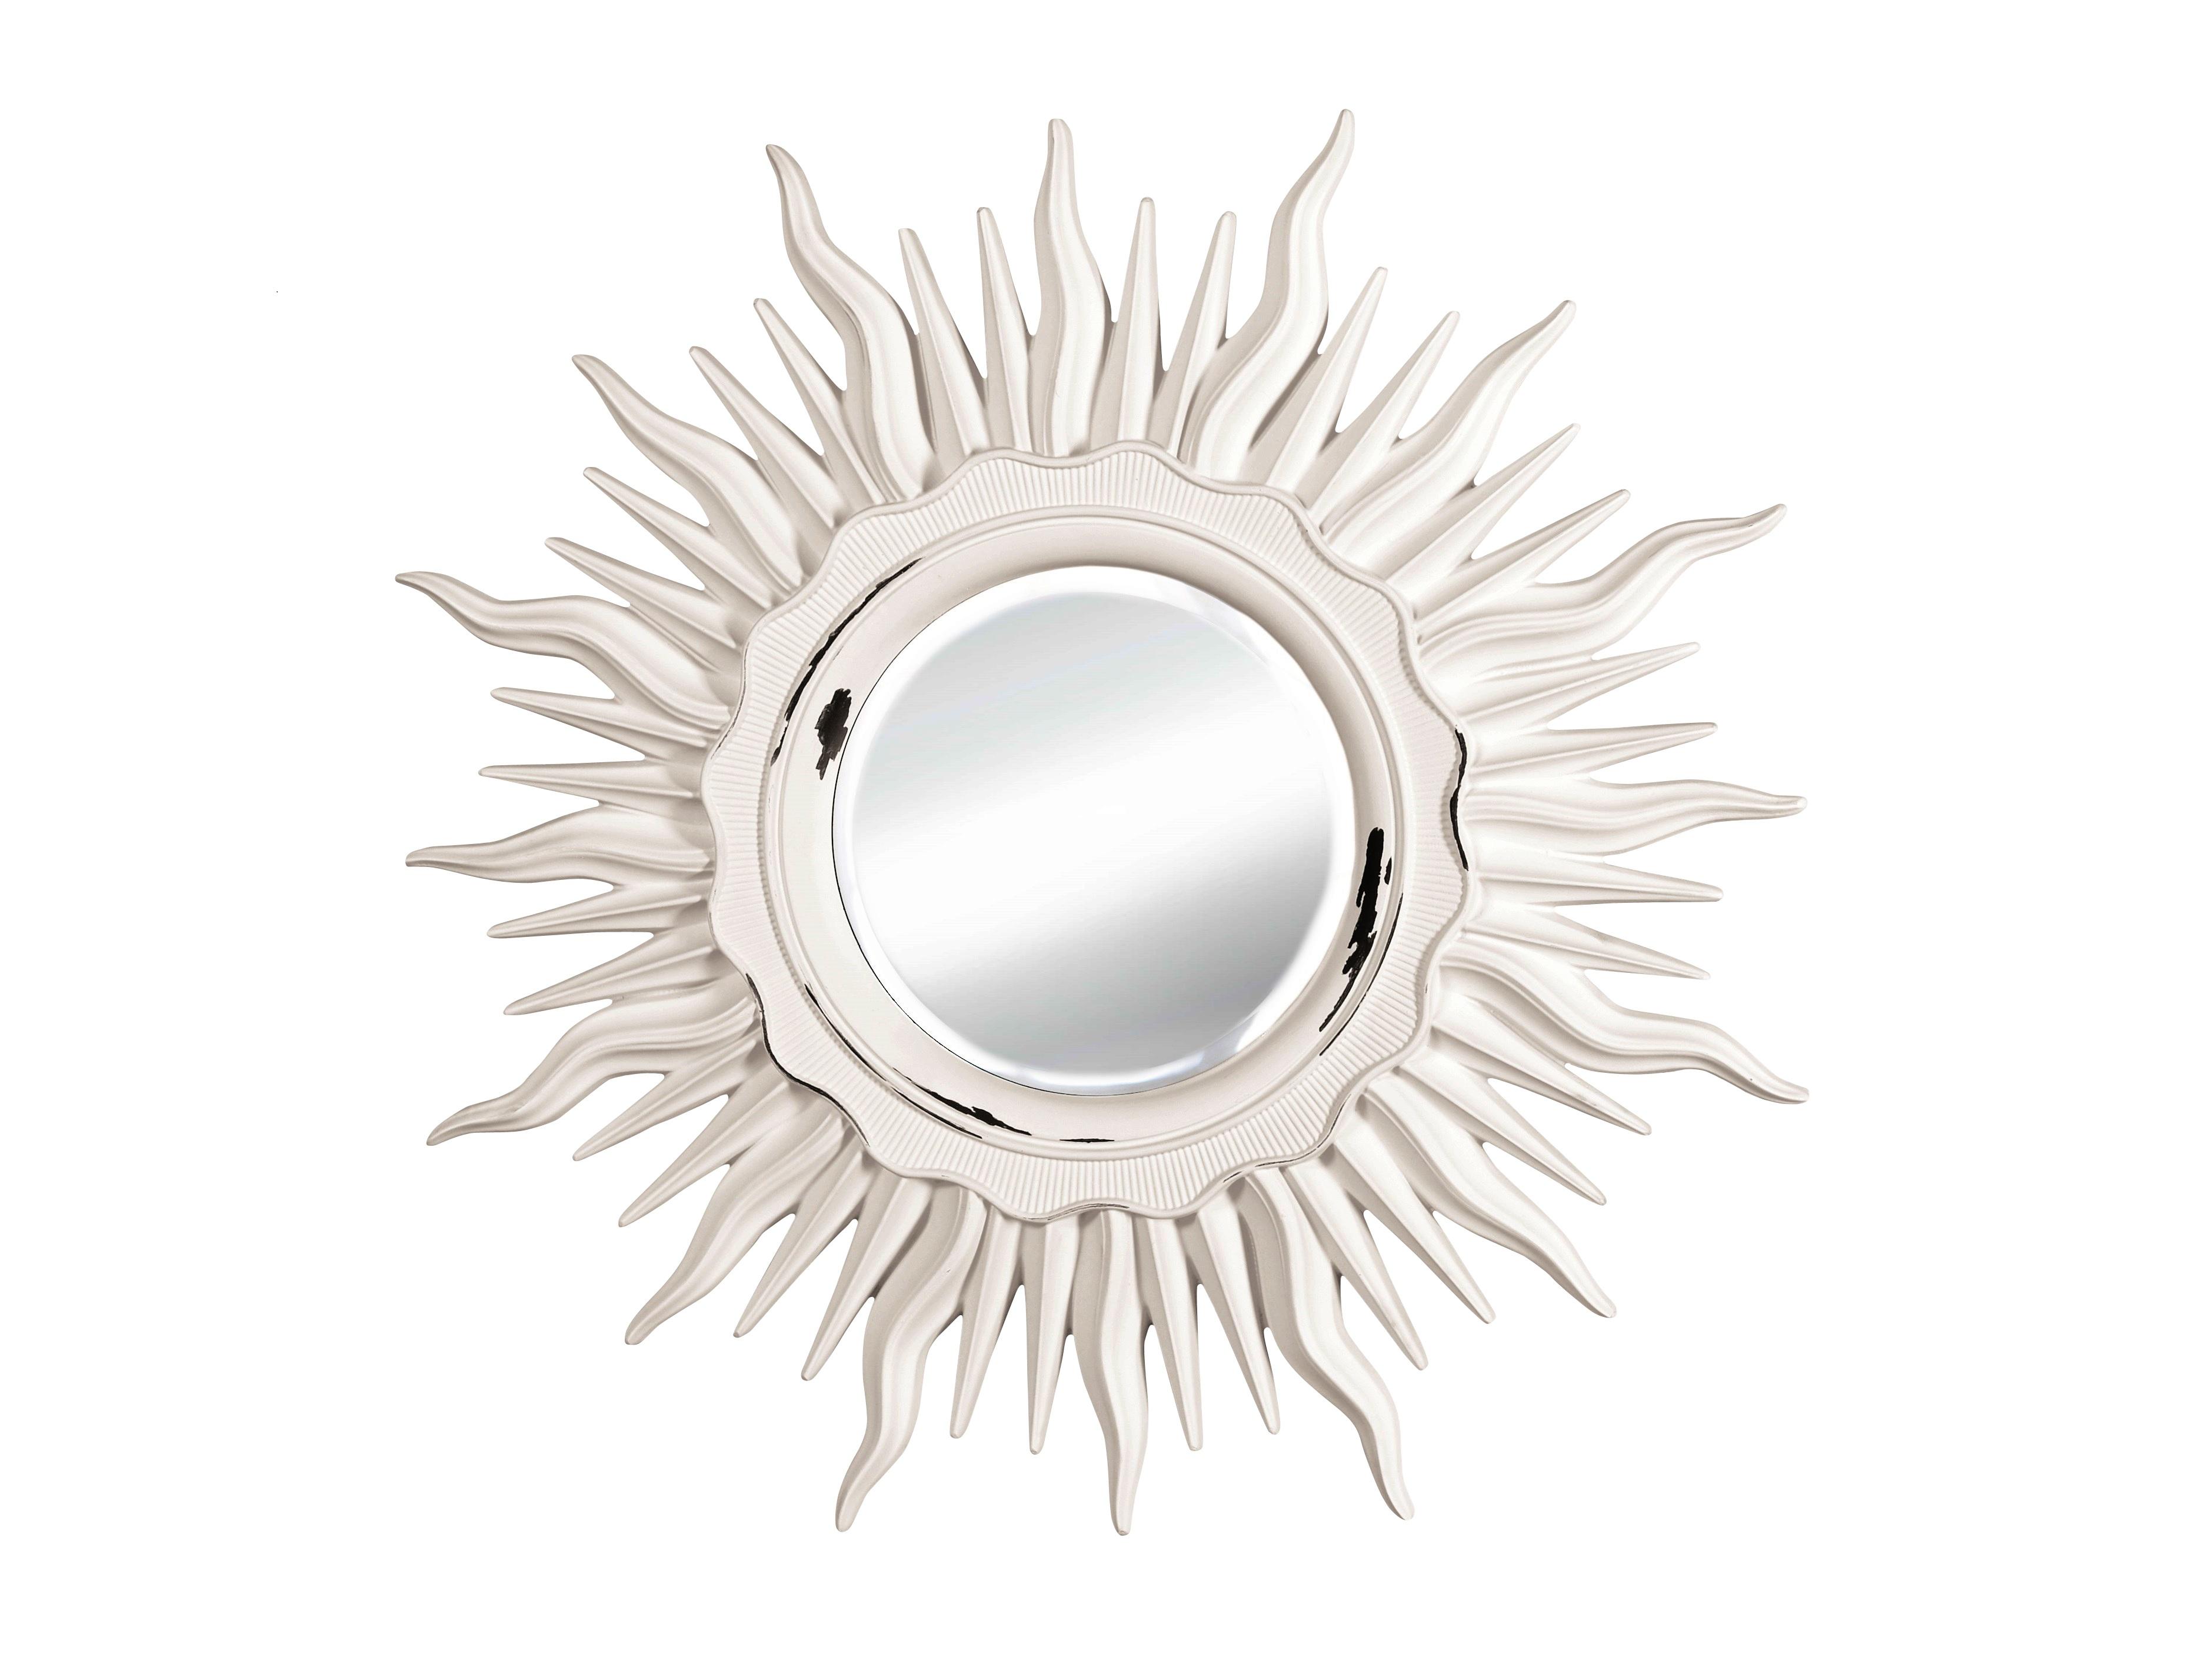 Зеркало АСТРОНастенные зеркала<br>Не стоит полагать, что символ солнца в интерьере ? это гарант света и уютной теплоты. Зеркало от Vezzolli, конечно, добавит оформлению сияние за счет своей гаммы, но домашнего уюта не создаст. Оно, напротив, наполнит пространство холодным элегантным очарованием, которое будет источать экстравагантность. Такой настенный декор идеально впишется как в классические, так и современные интерьеры, преисполненные роскоши.&amp;lt;div&amp;gt;&amp;lt;br&amp;gt;&amp;lt;/div&amp;gt;&amp;lt;div&amp;gt;Рекомендации по уходу: бережная, влажная уборка. Запрещается использование любых растворителей.&amp;lt;/div&amp;gt;&amp;lt;div&amp;gt;&amp;lt;span style=&amp;quot;line-height: 1.78571;&amp;quot;&amp;gt;Цвет: белый шебби-шик.&amp;lt;/span&amp;gt;&amp;lt;br&amp;gt;&amp;lt;/div&amp;gt;<br><br>Material: Полиуретан<br>Глубина см: 4